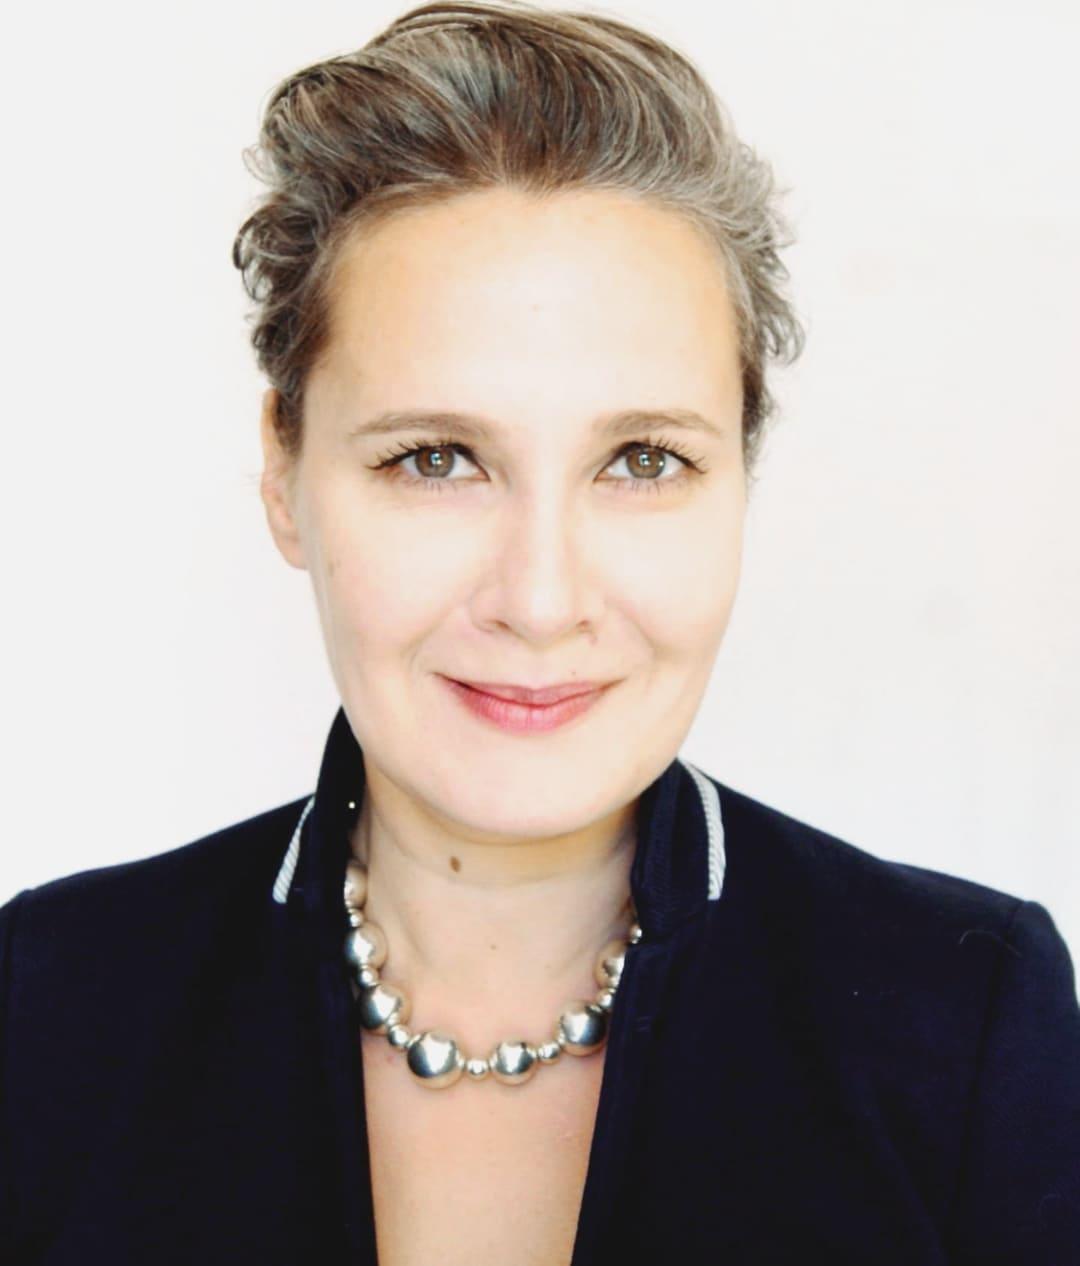 Elena Egorova - Trener Głosu, Wokalistka, Autorka Emisji Głosu EGOsing, cLogopeda, Coach.